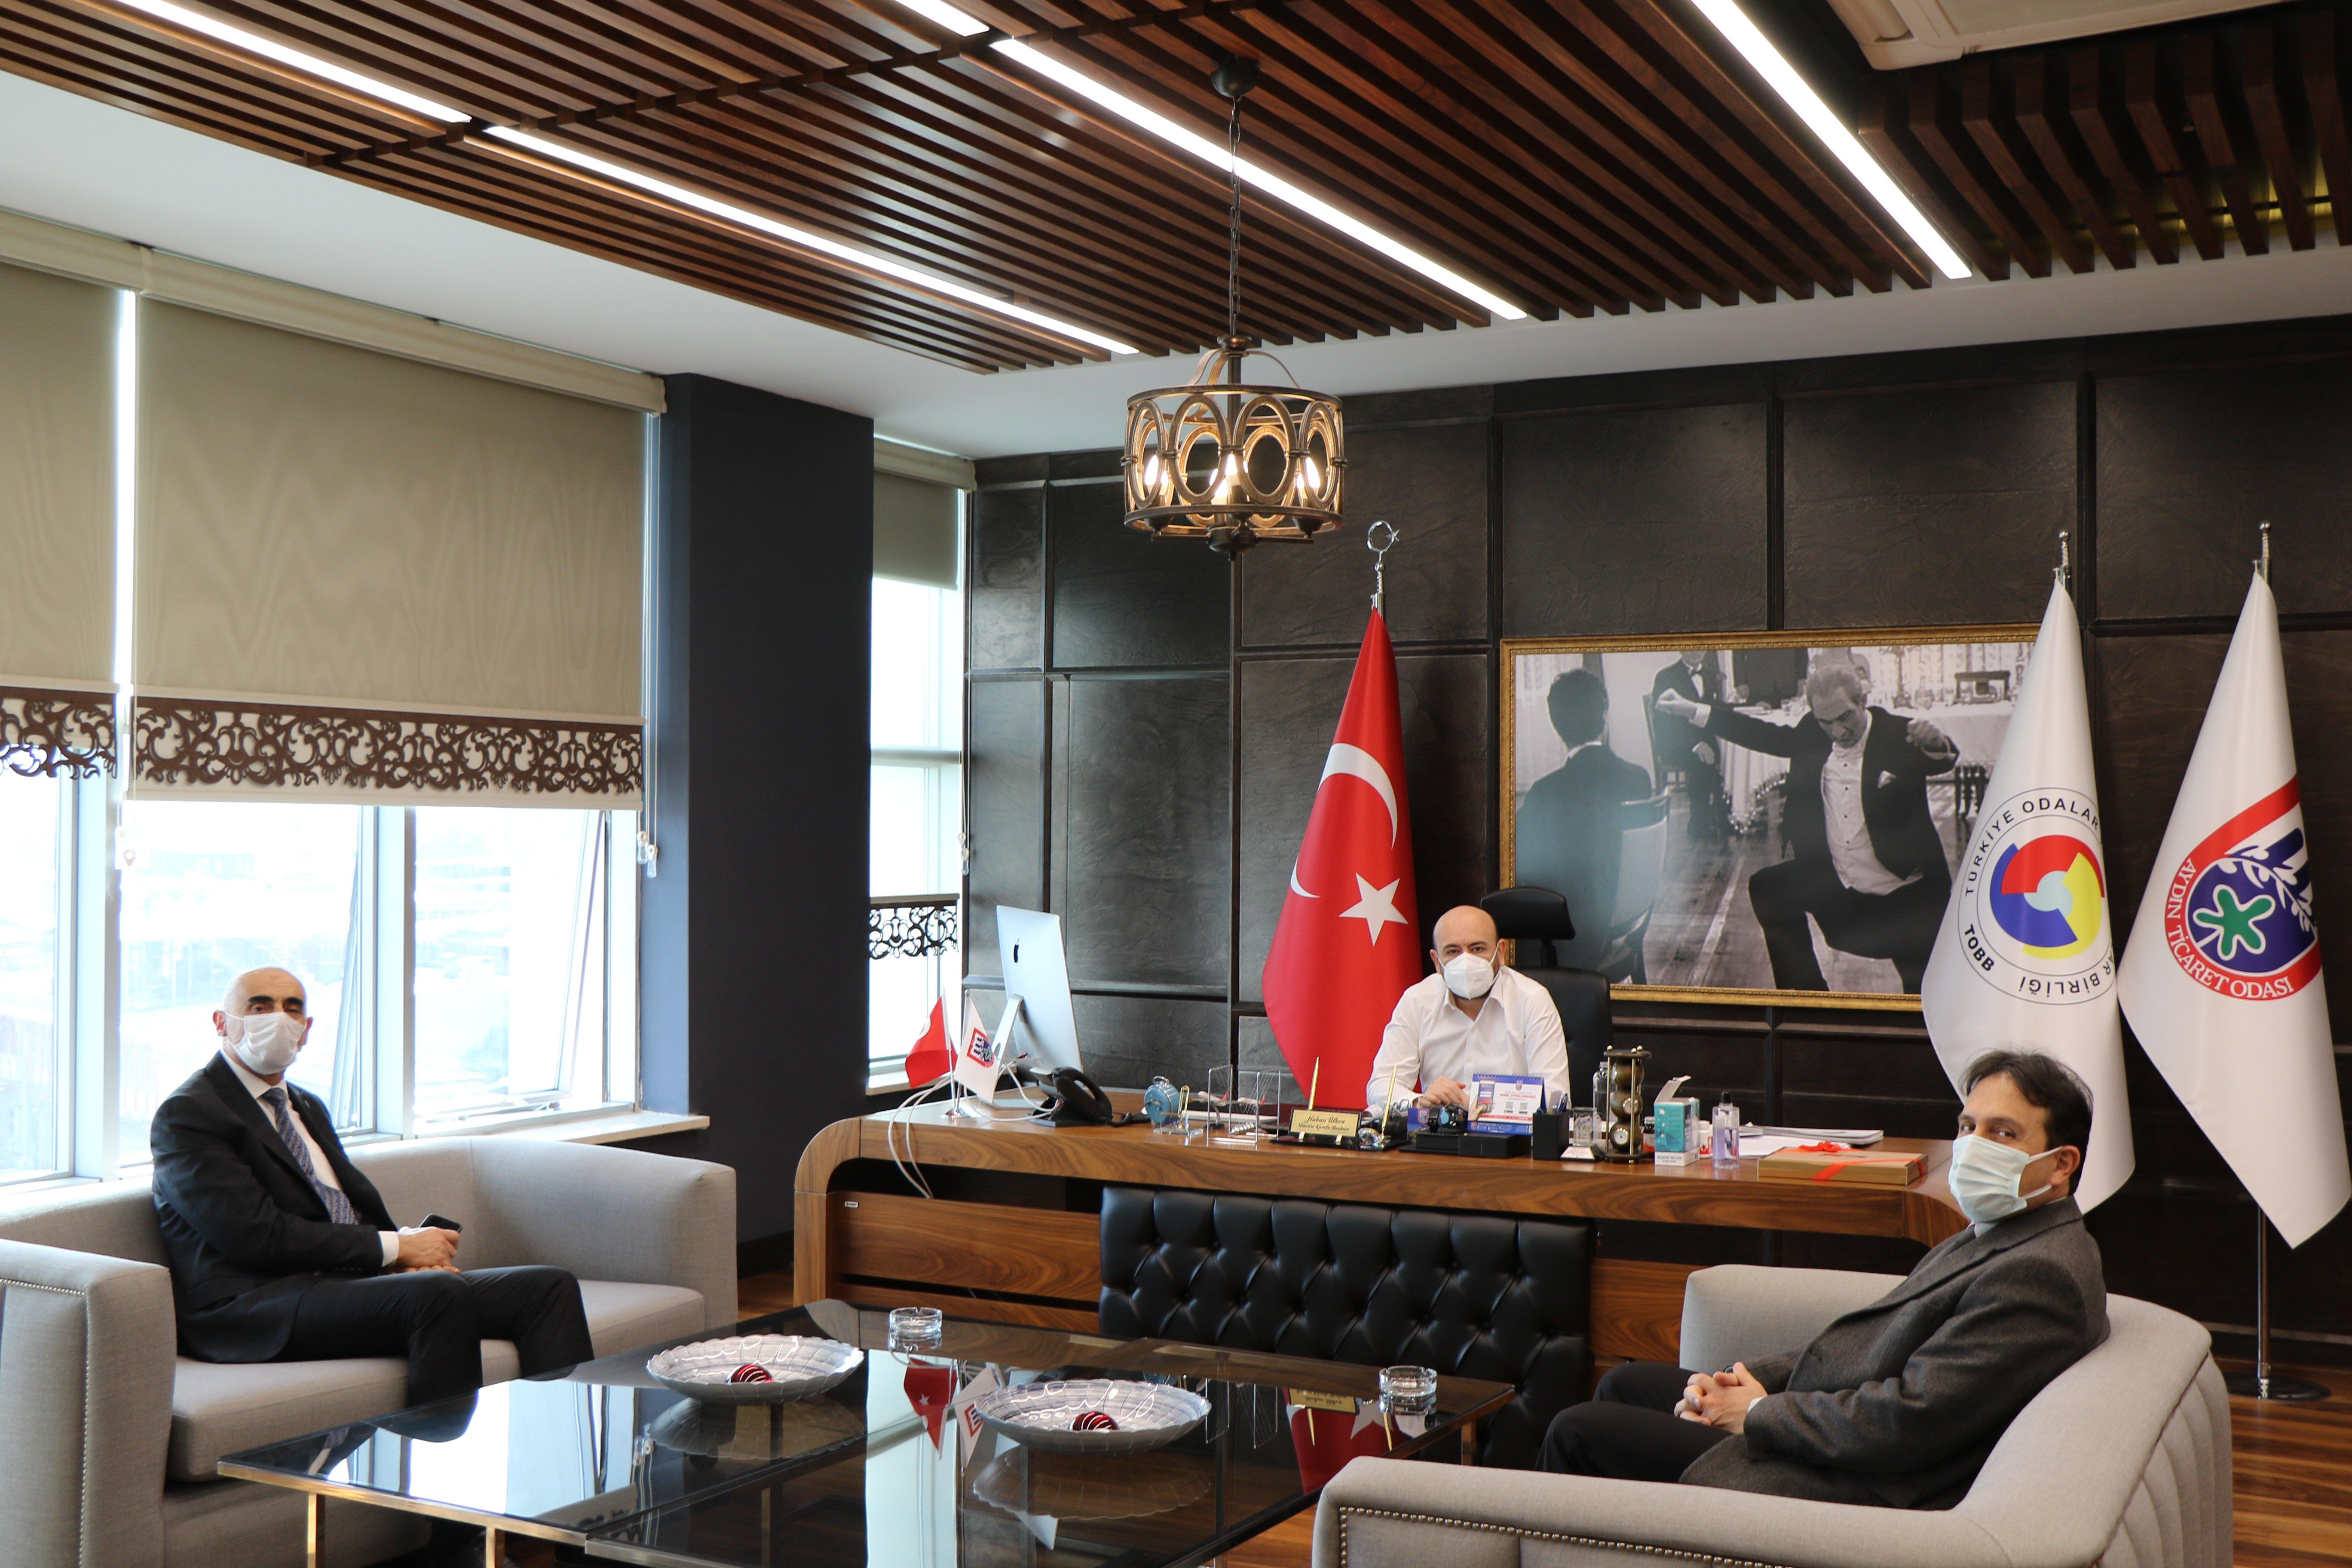 Aydın Sanayi ve Teknoloji İl Müdürü Ahmet Bayram ER, TOBB Yönetim Kurulu Üyesi ve Odamız Başkanı Hakan ÜLKEN'İ makamında ziyaret etti